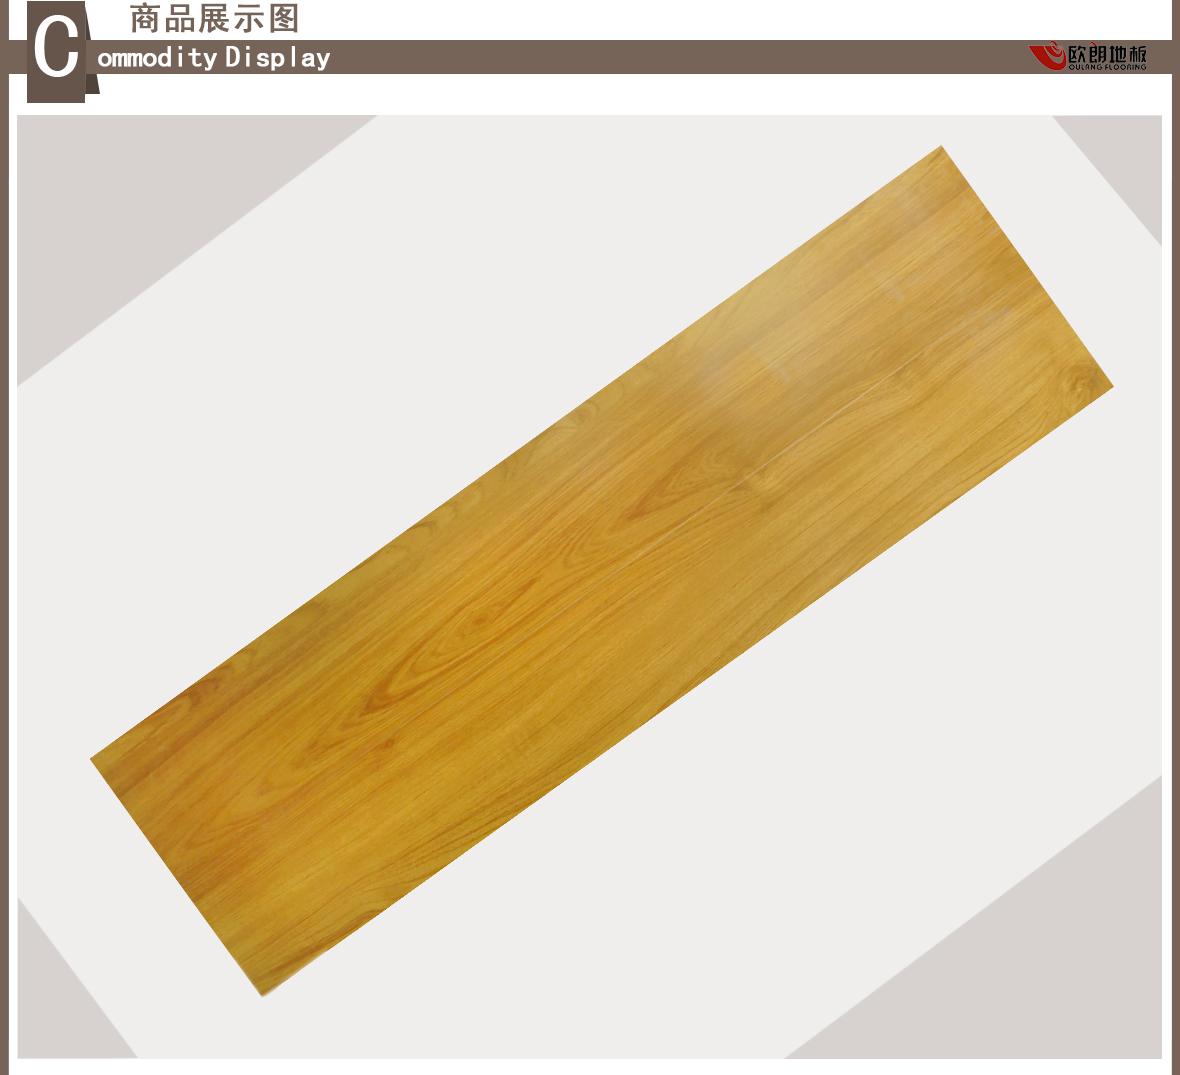 欧朗地板 GAG1118-A型号 强化复合地板 密度板 适用于地暖,图片、价格、品牌、评测样样齐全!【蓝景商城正品行货,蓝景丽家大钟寺家居广场提货,北京地区配送,领券更优惠,线上线下同品同价,立即购买享受更多优惠哦!】